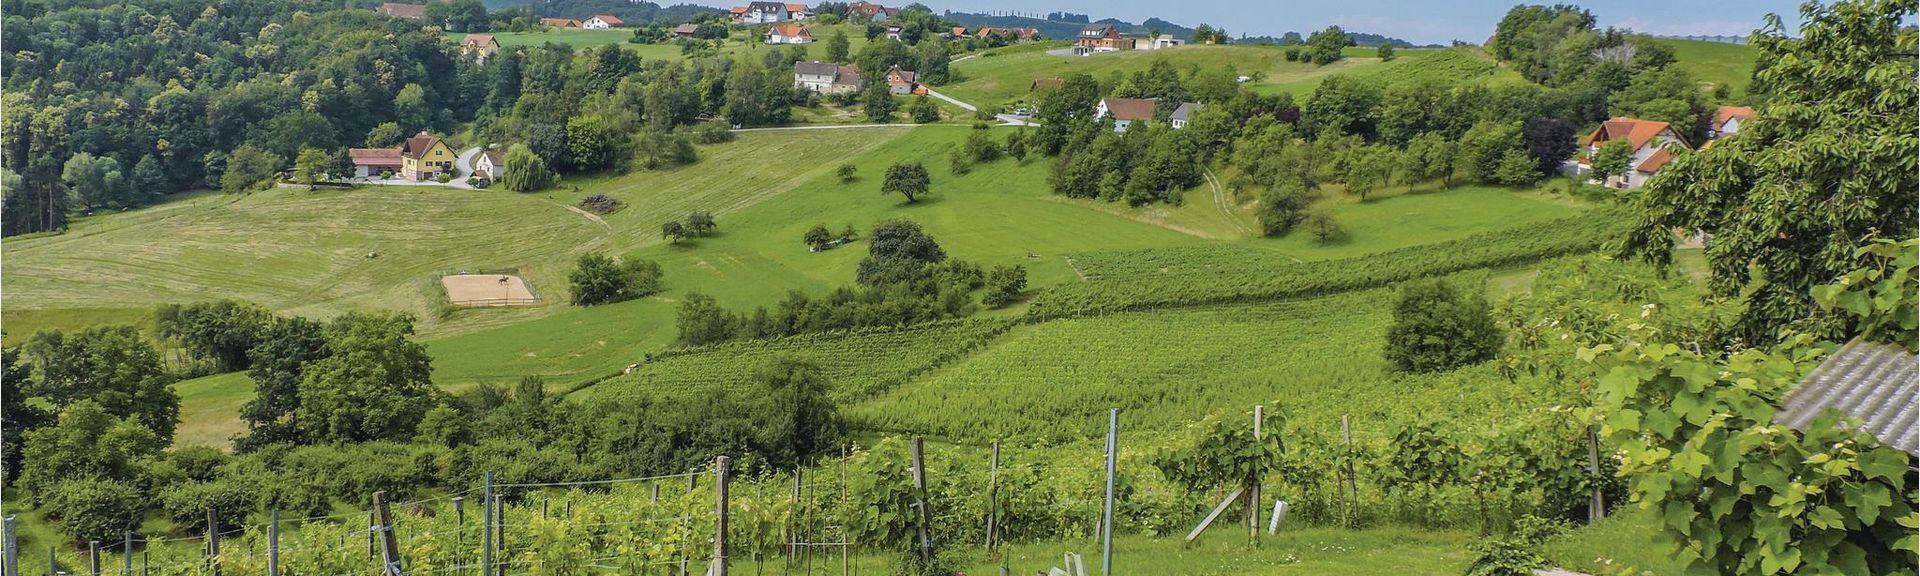 Kirchberg an der Raab, Styria, Austria